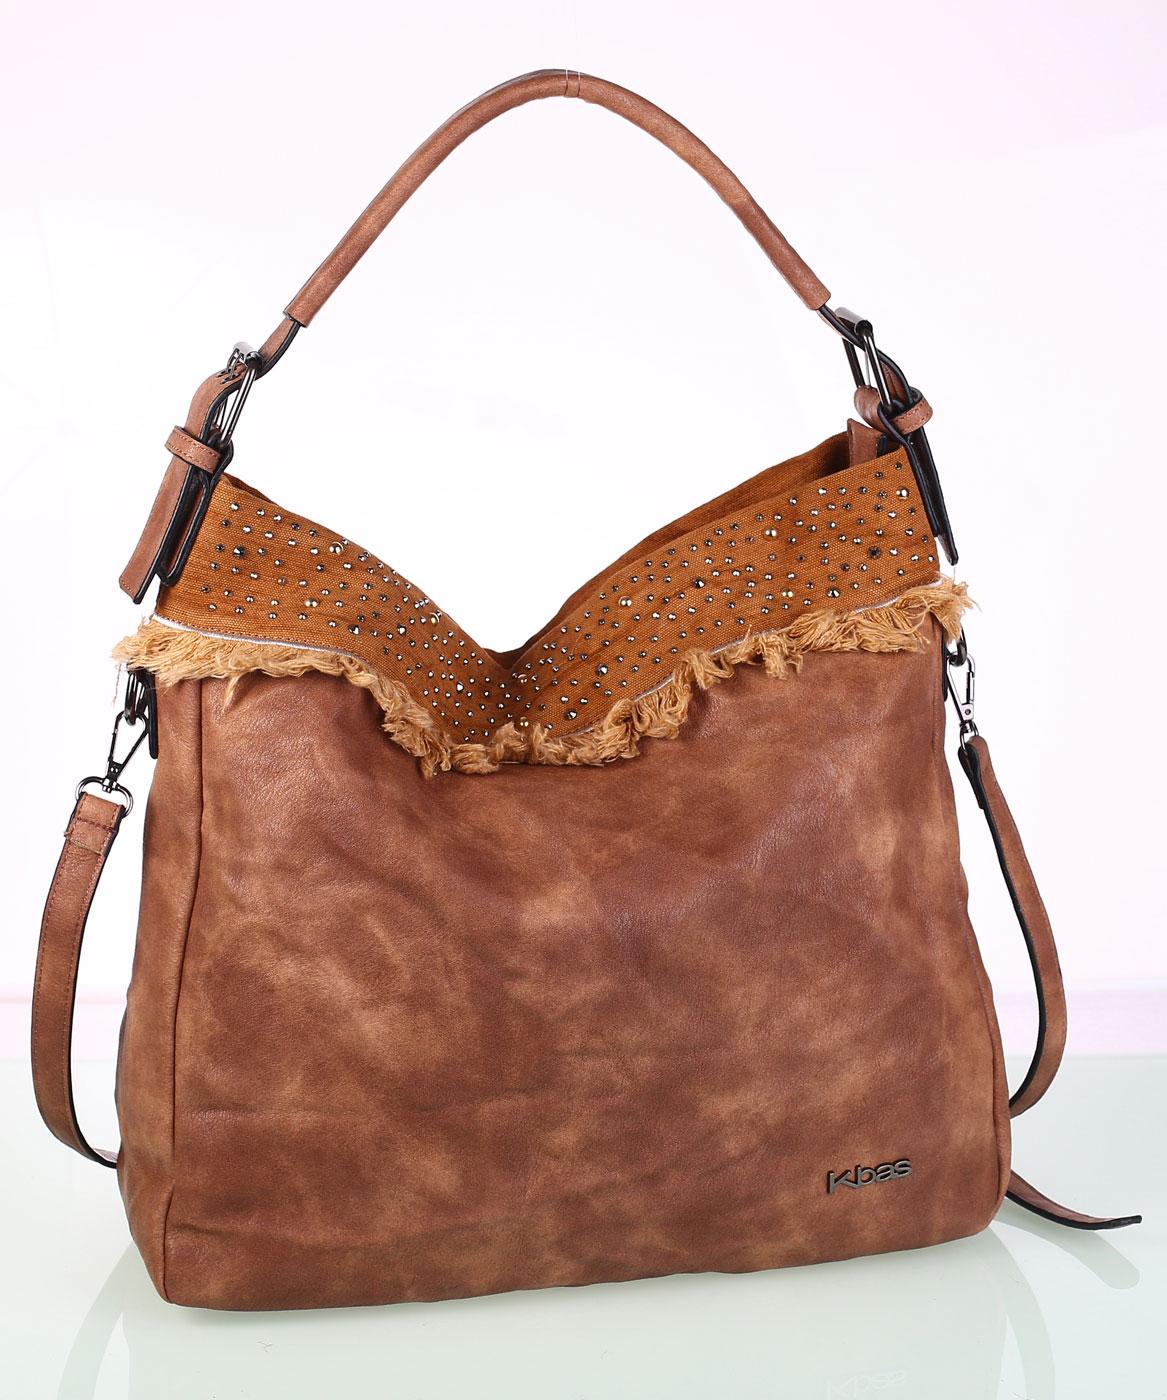 Dámska kabelka eko koža Kbas s ozdobným vybíjaním hnedá  fe675856916